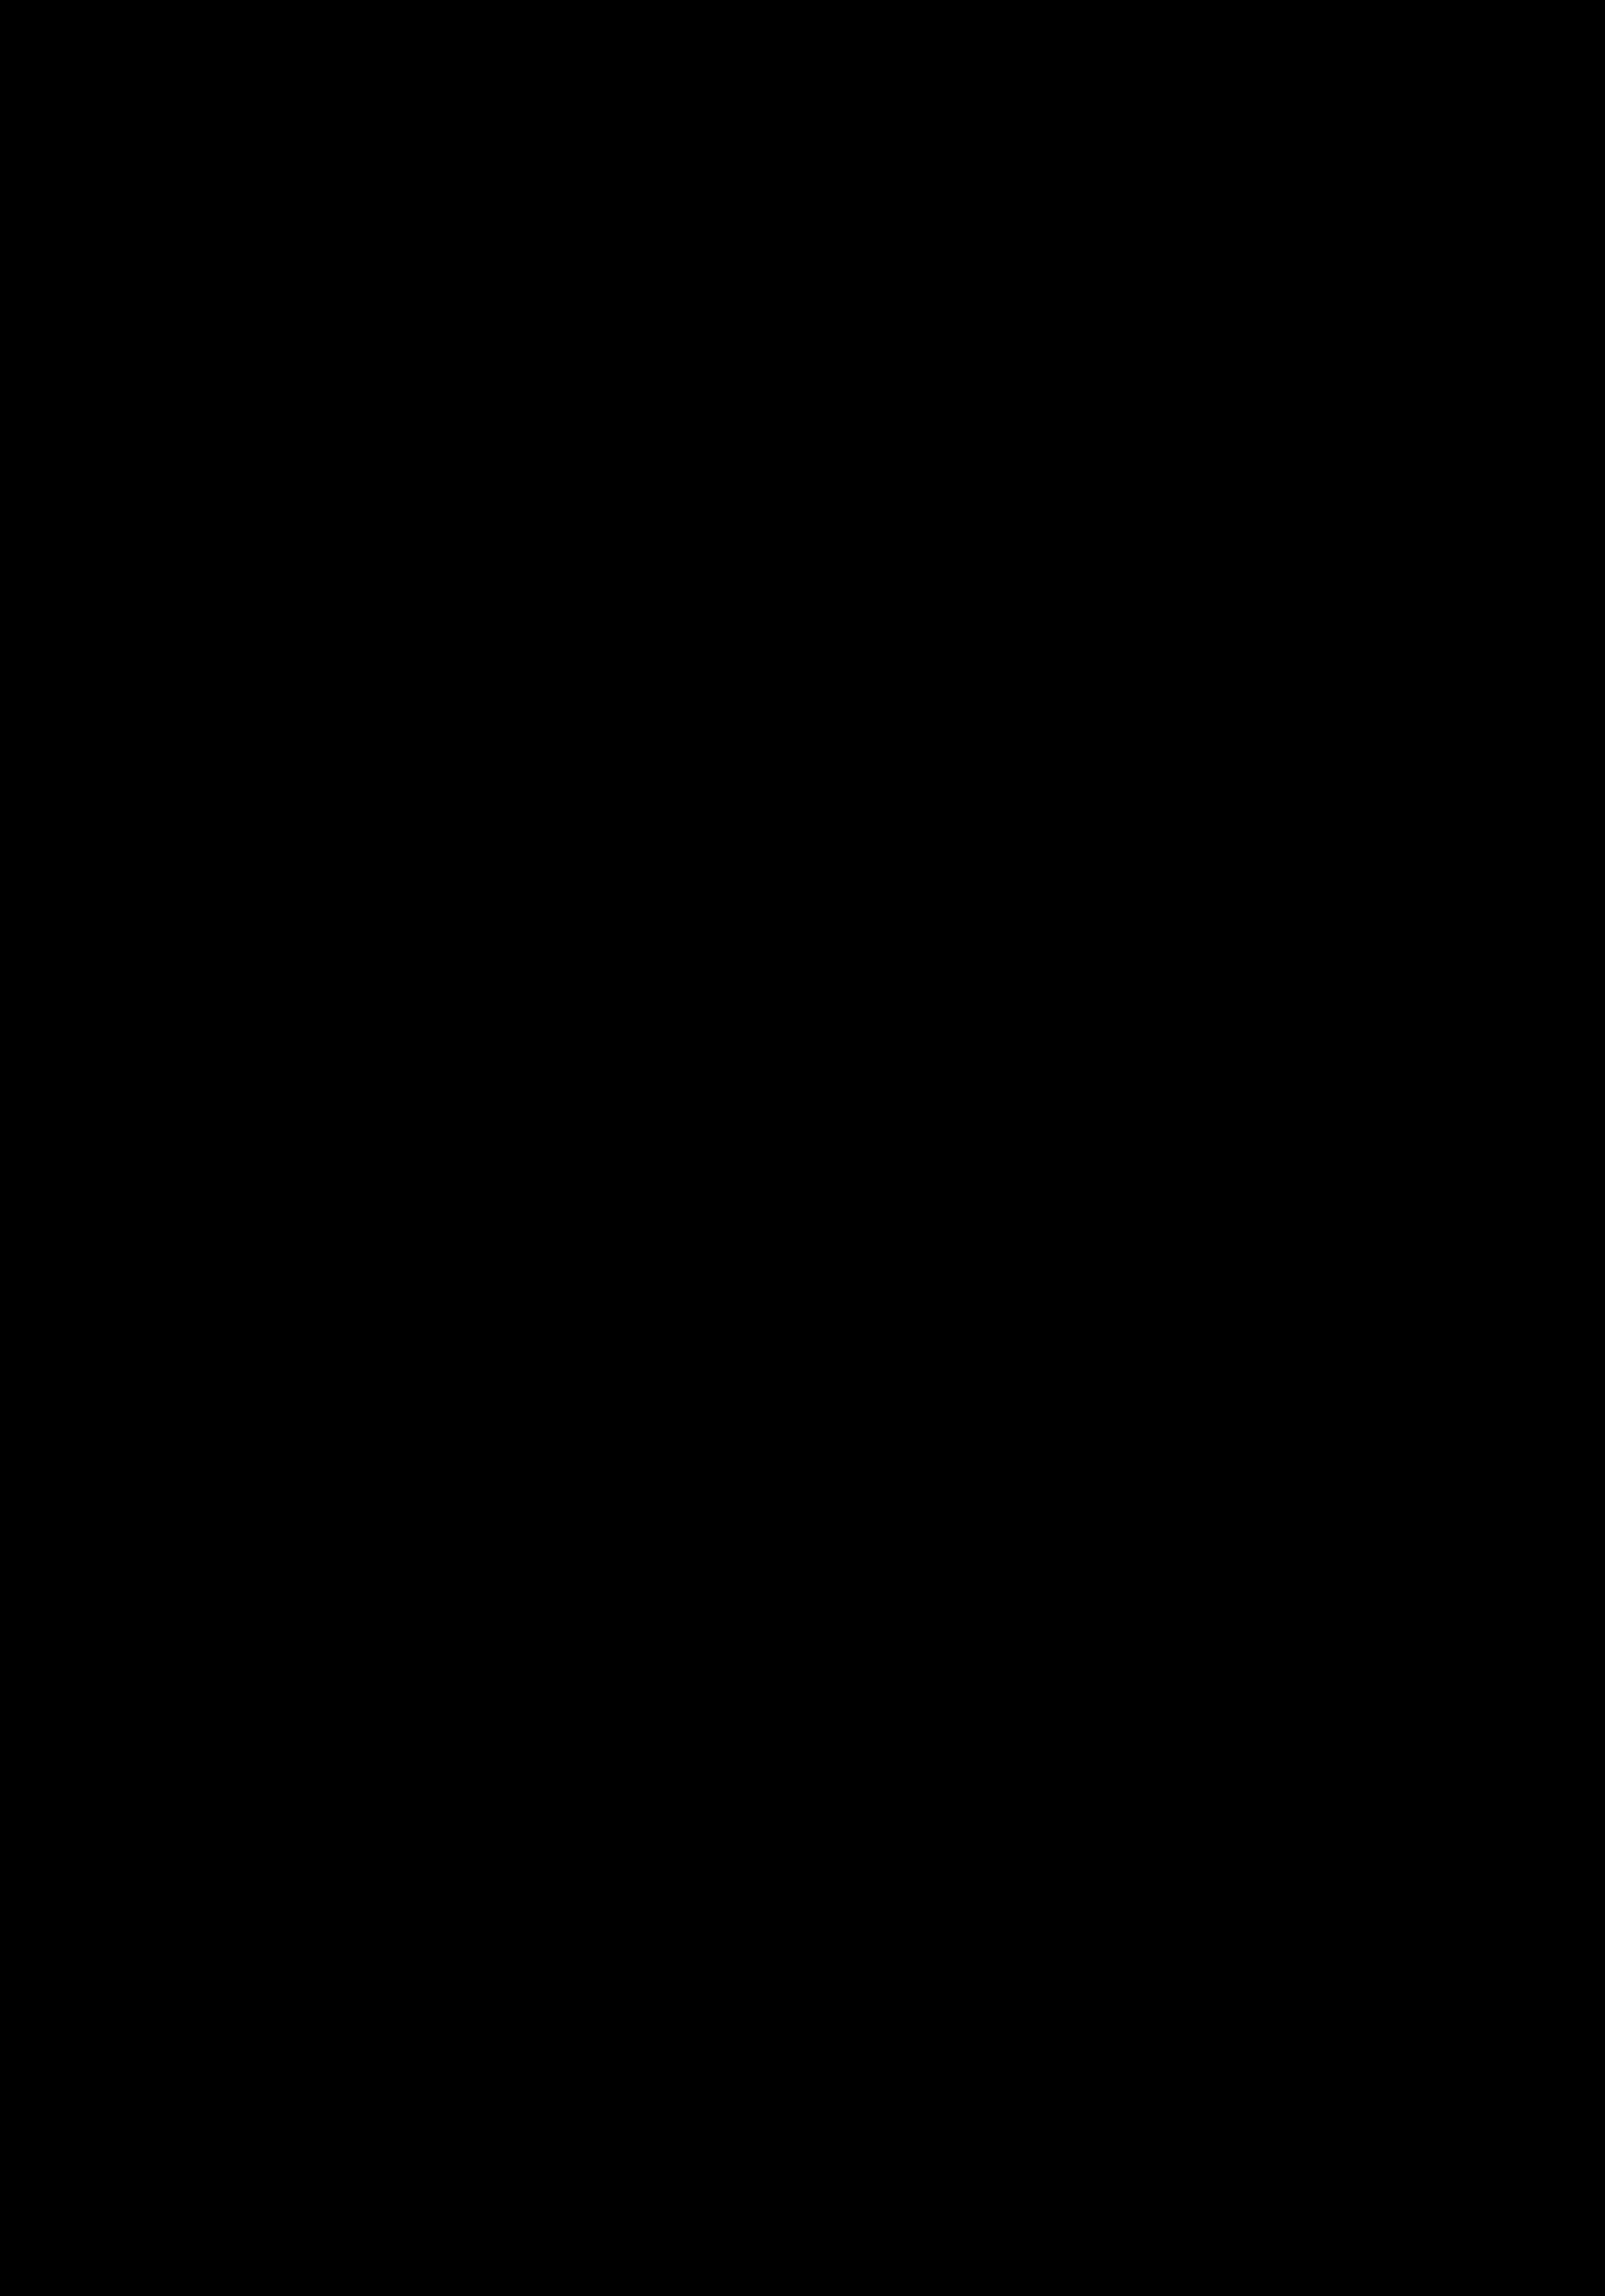 LOS JUGUETES DE TANO @ Palacio Erisana